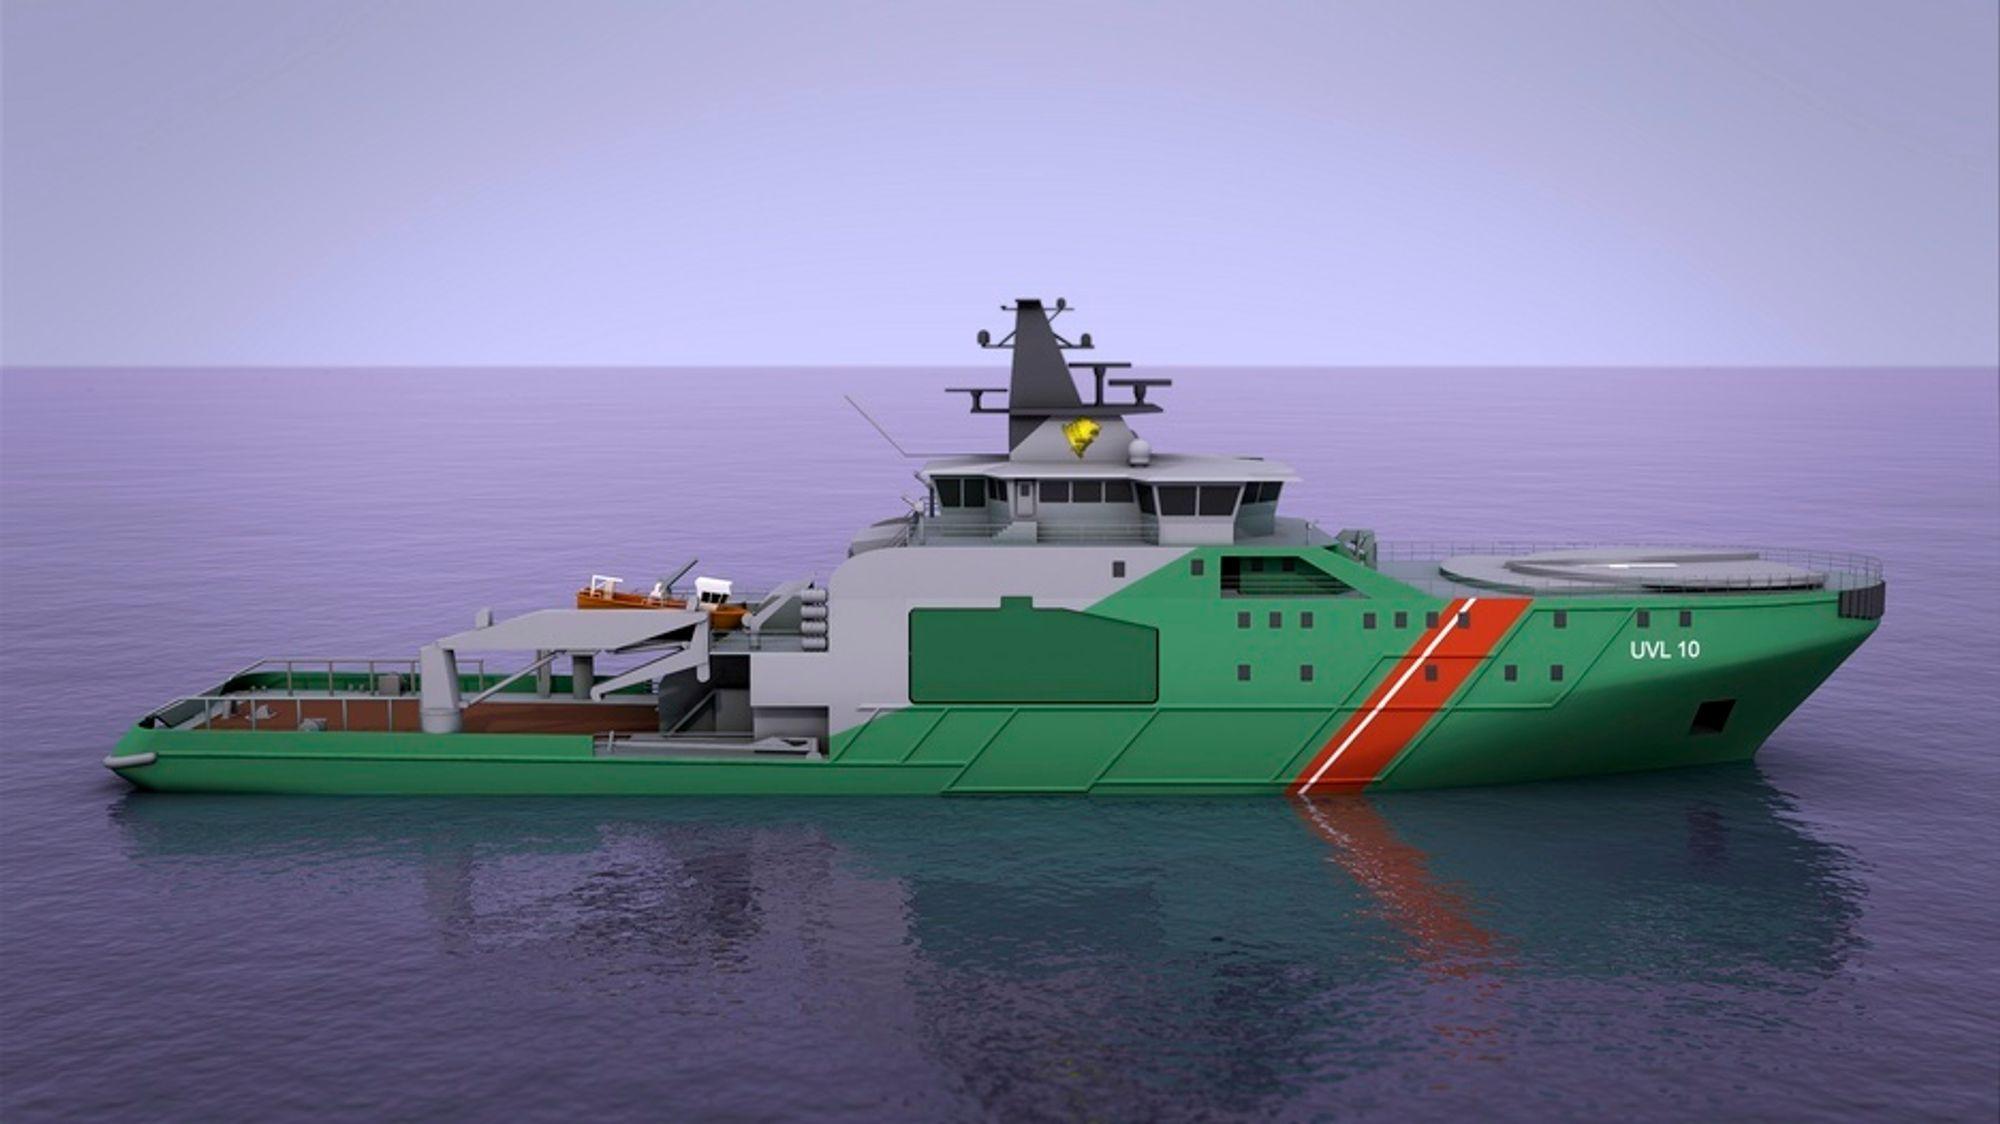 VAKT: Grensevaktskipet til finske myndigheter blir moderne og miljøvennlig med LNG-motorer (dual fuel).